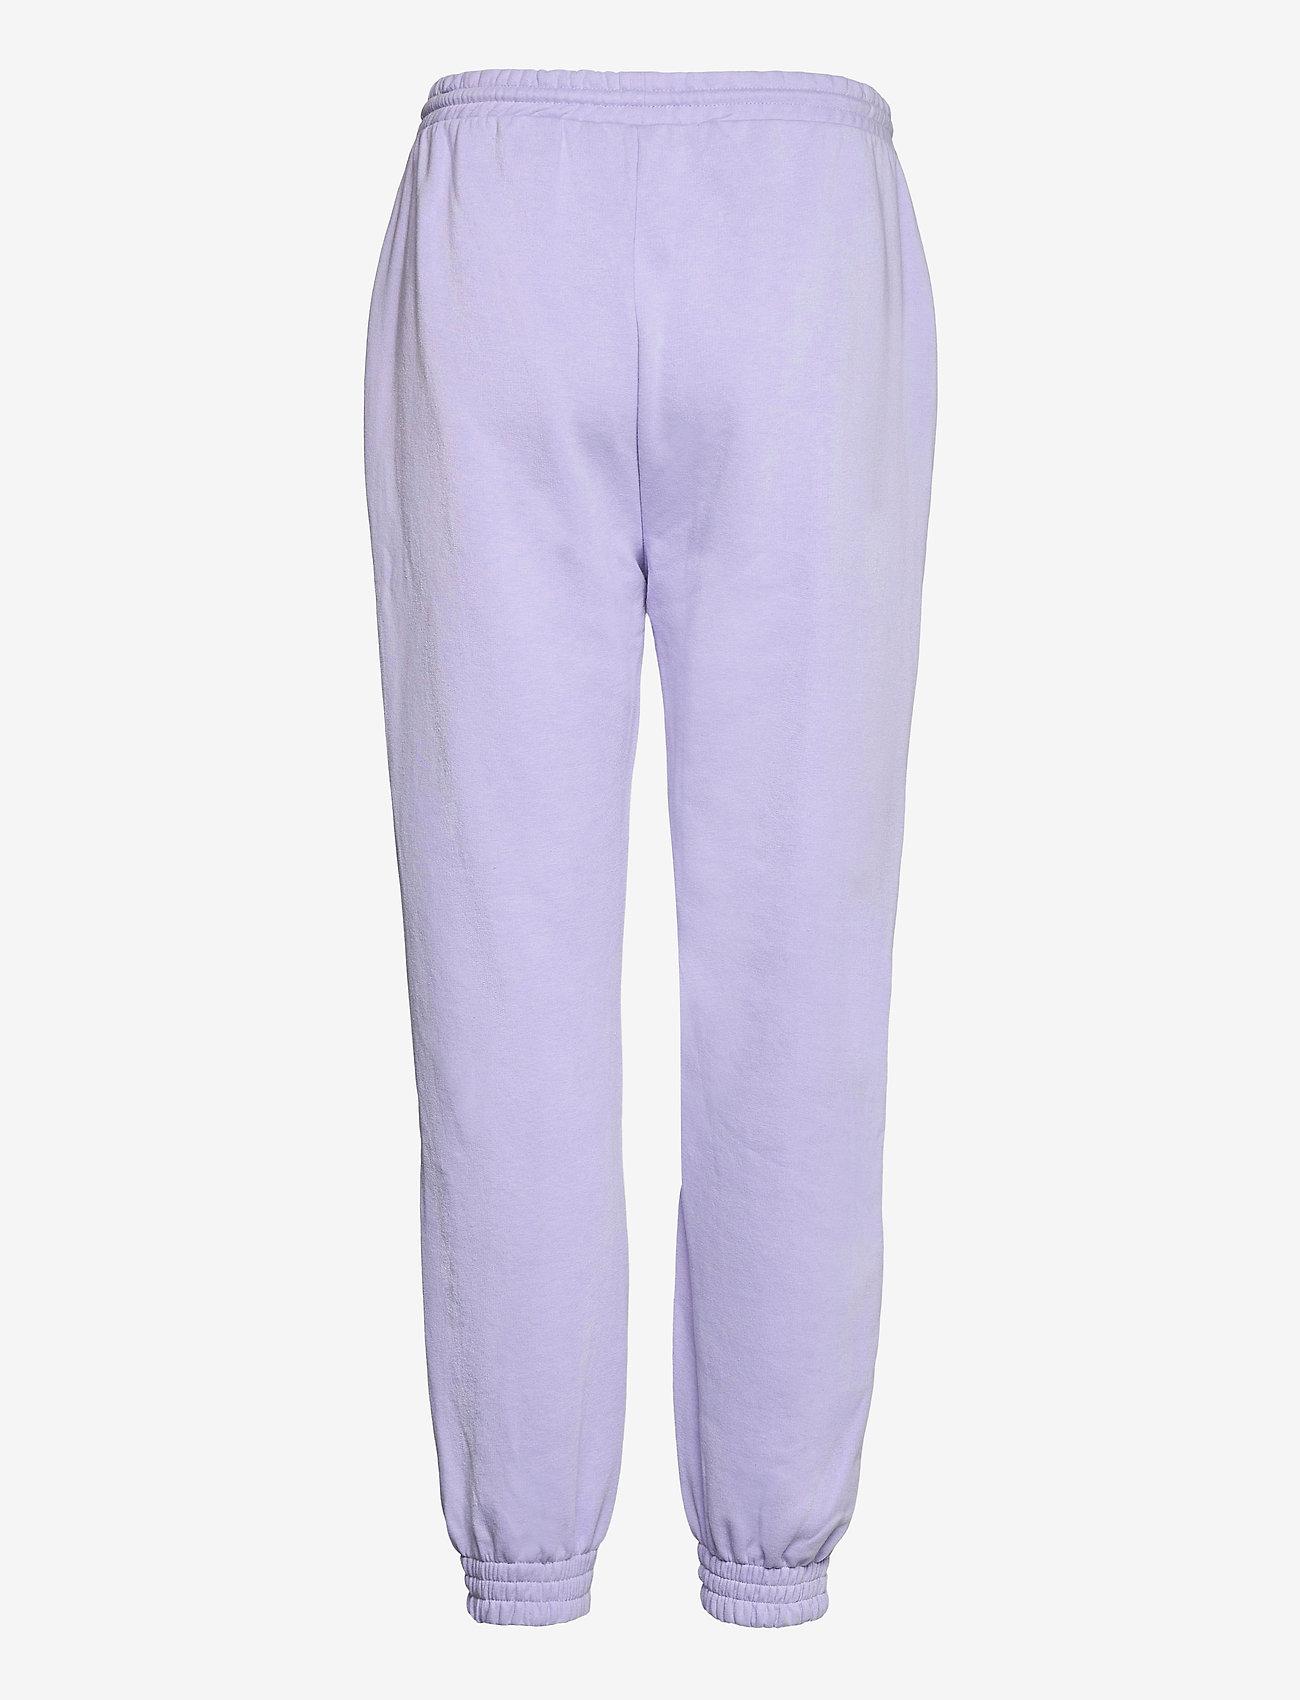 Modström - Holly pants - sweatpants - cosmic sky - 1